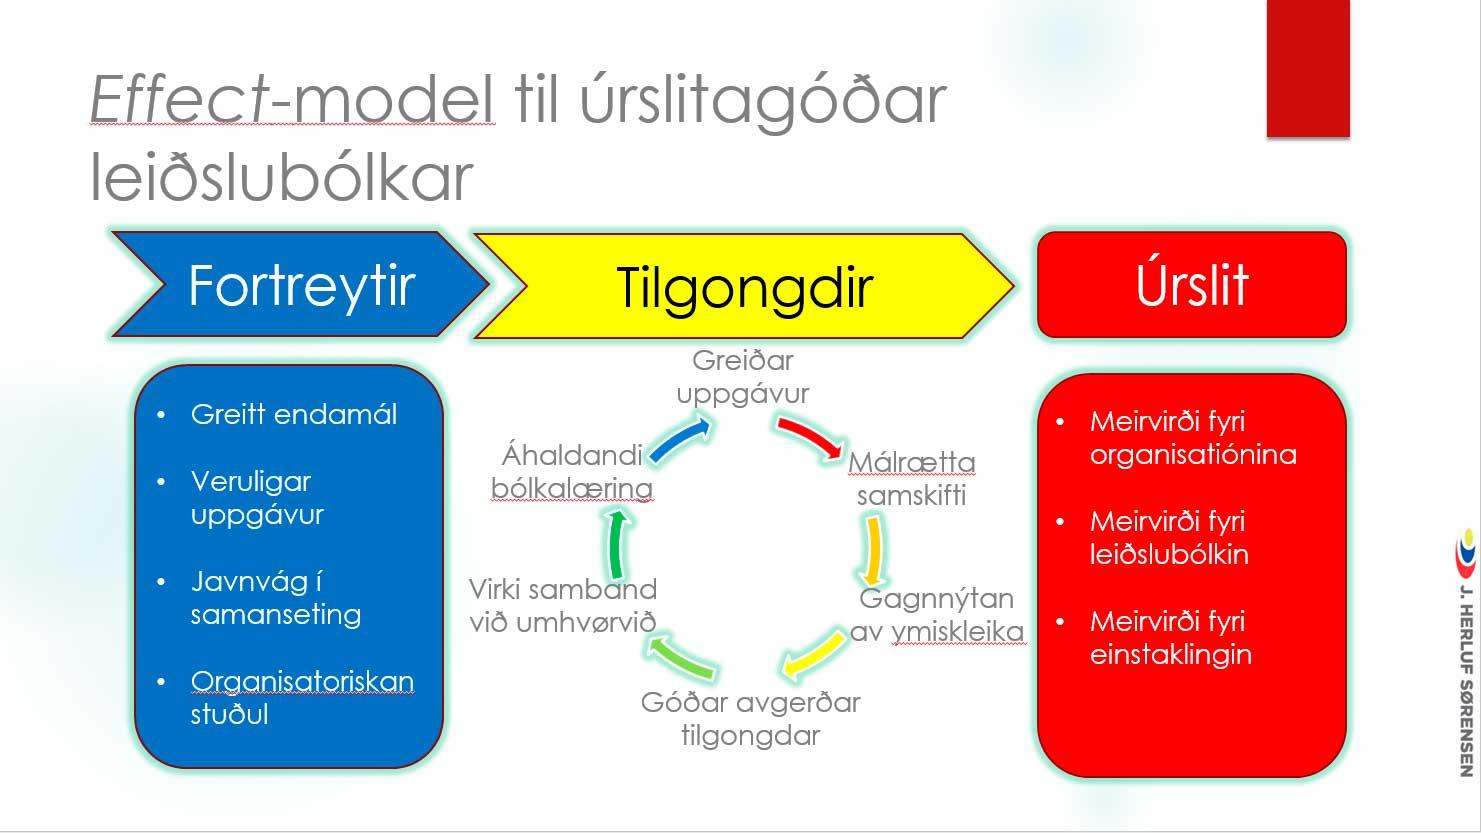 Effect-model til úrslitagóðar leiðslubólkar